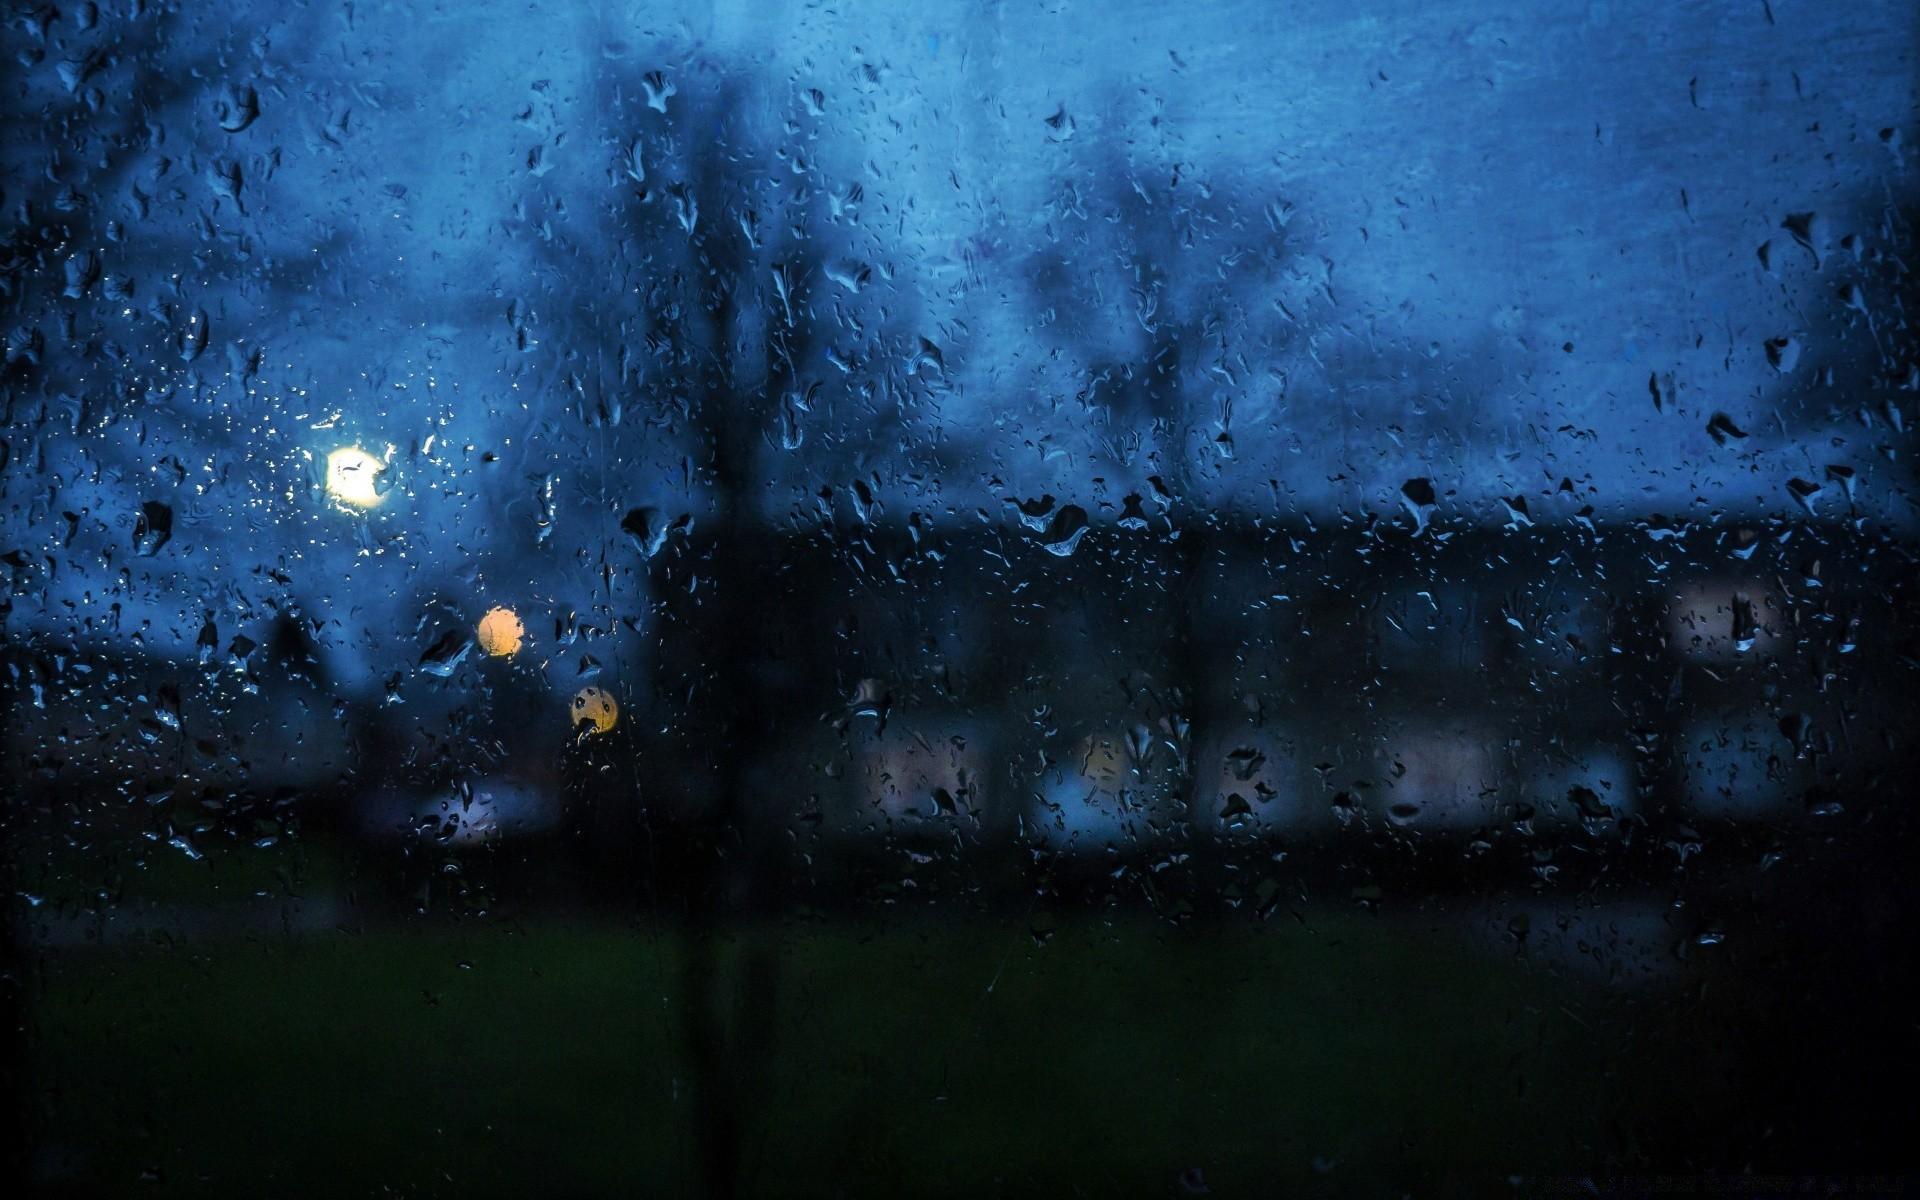 фото рабочего стола грусть дождь это небольшой